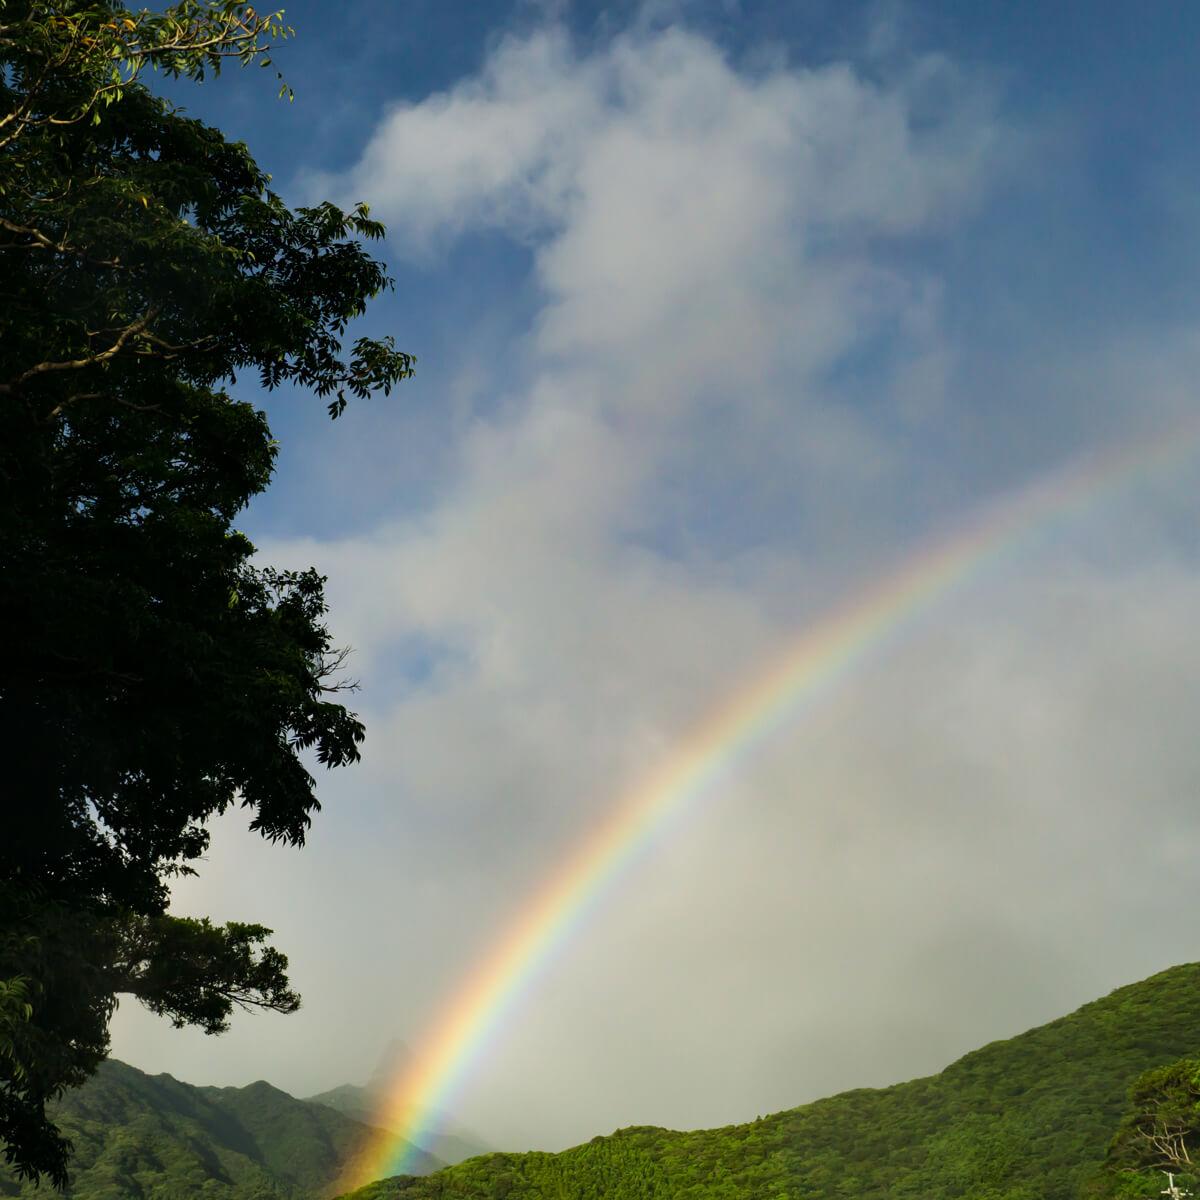 屋久島の山々、虹 屋久島日々の暮らしとジュエリー